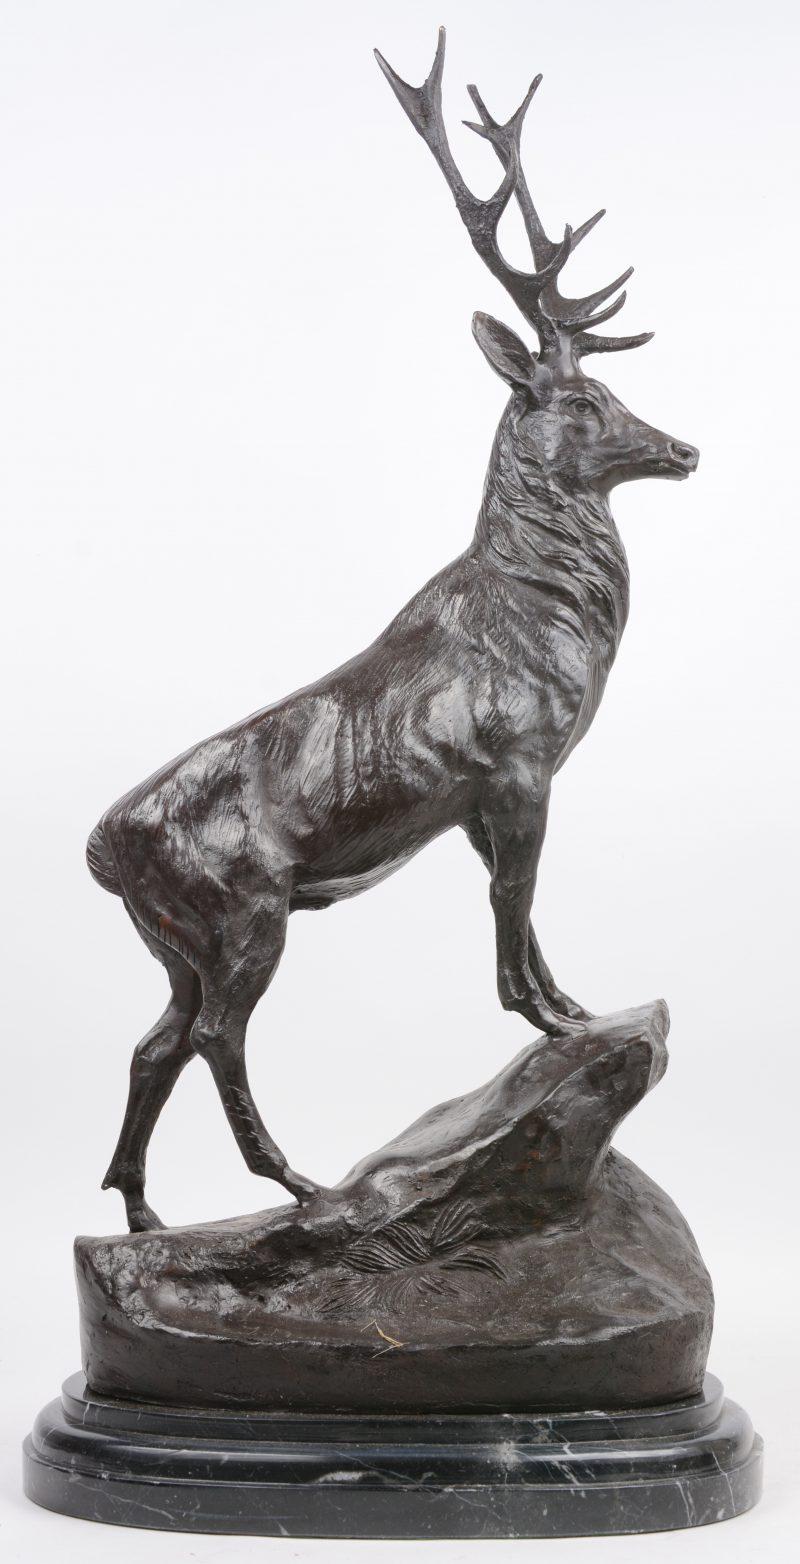 Een bronzen edelhert op zwart marmeren sokkel. Naar een werk van Jules Moigniez.